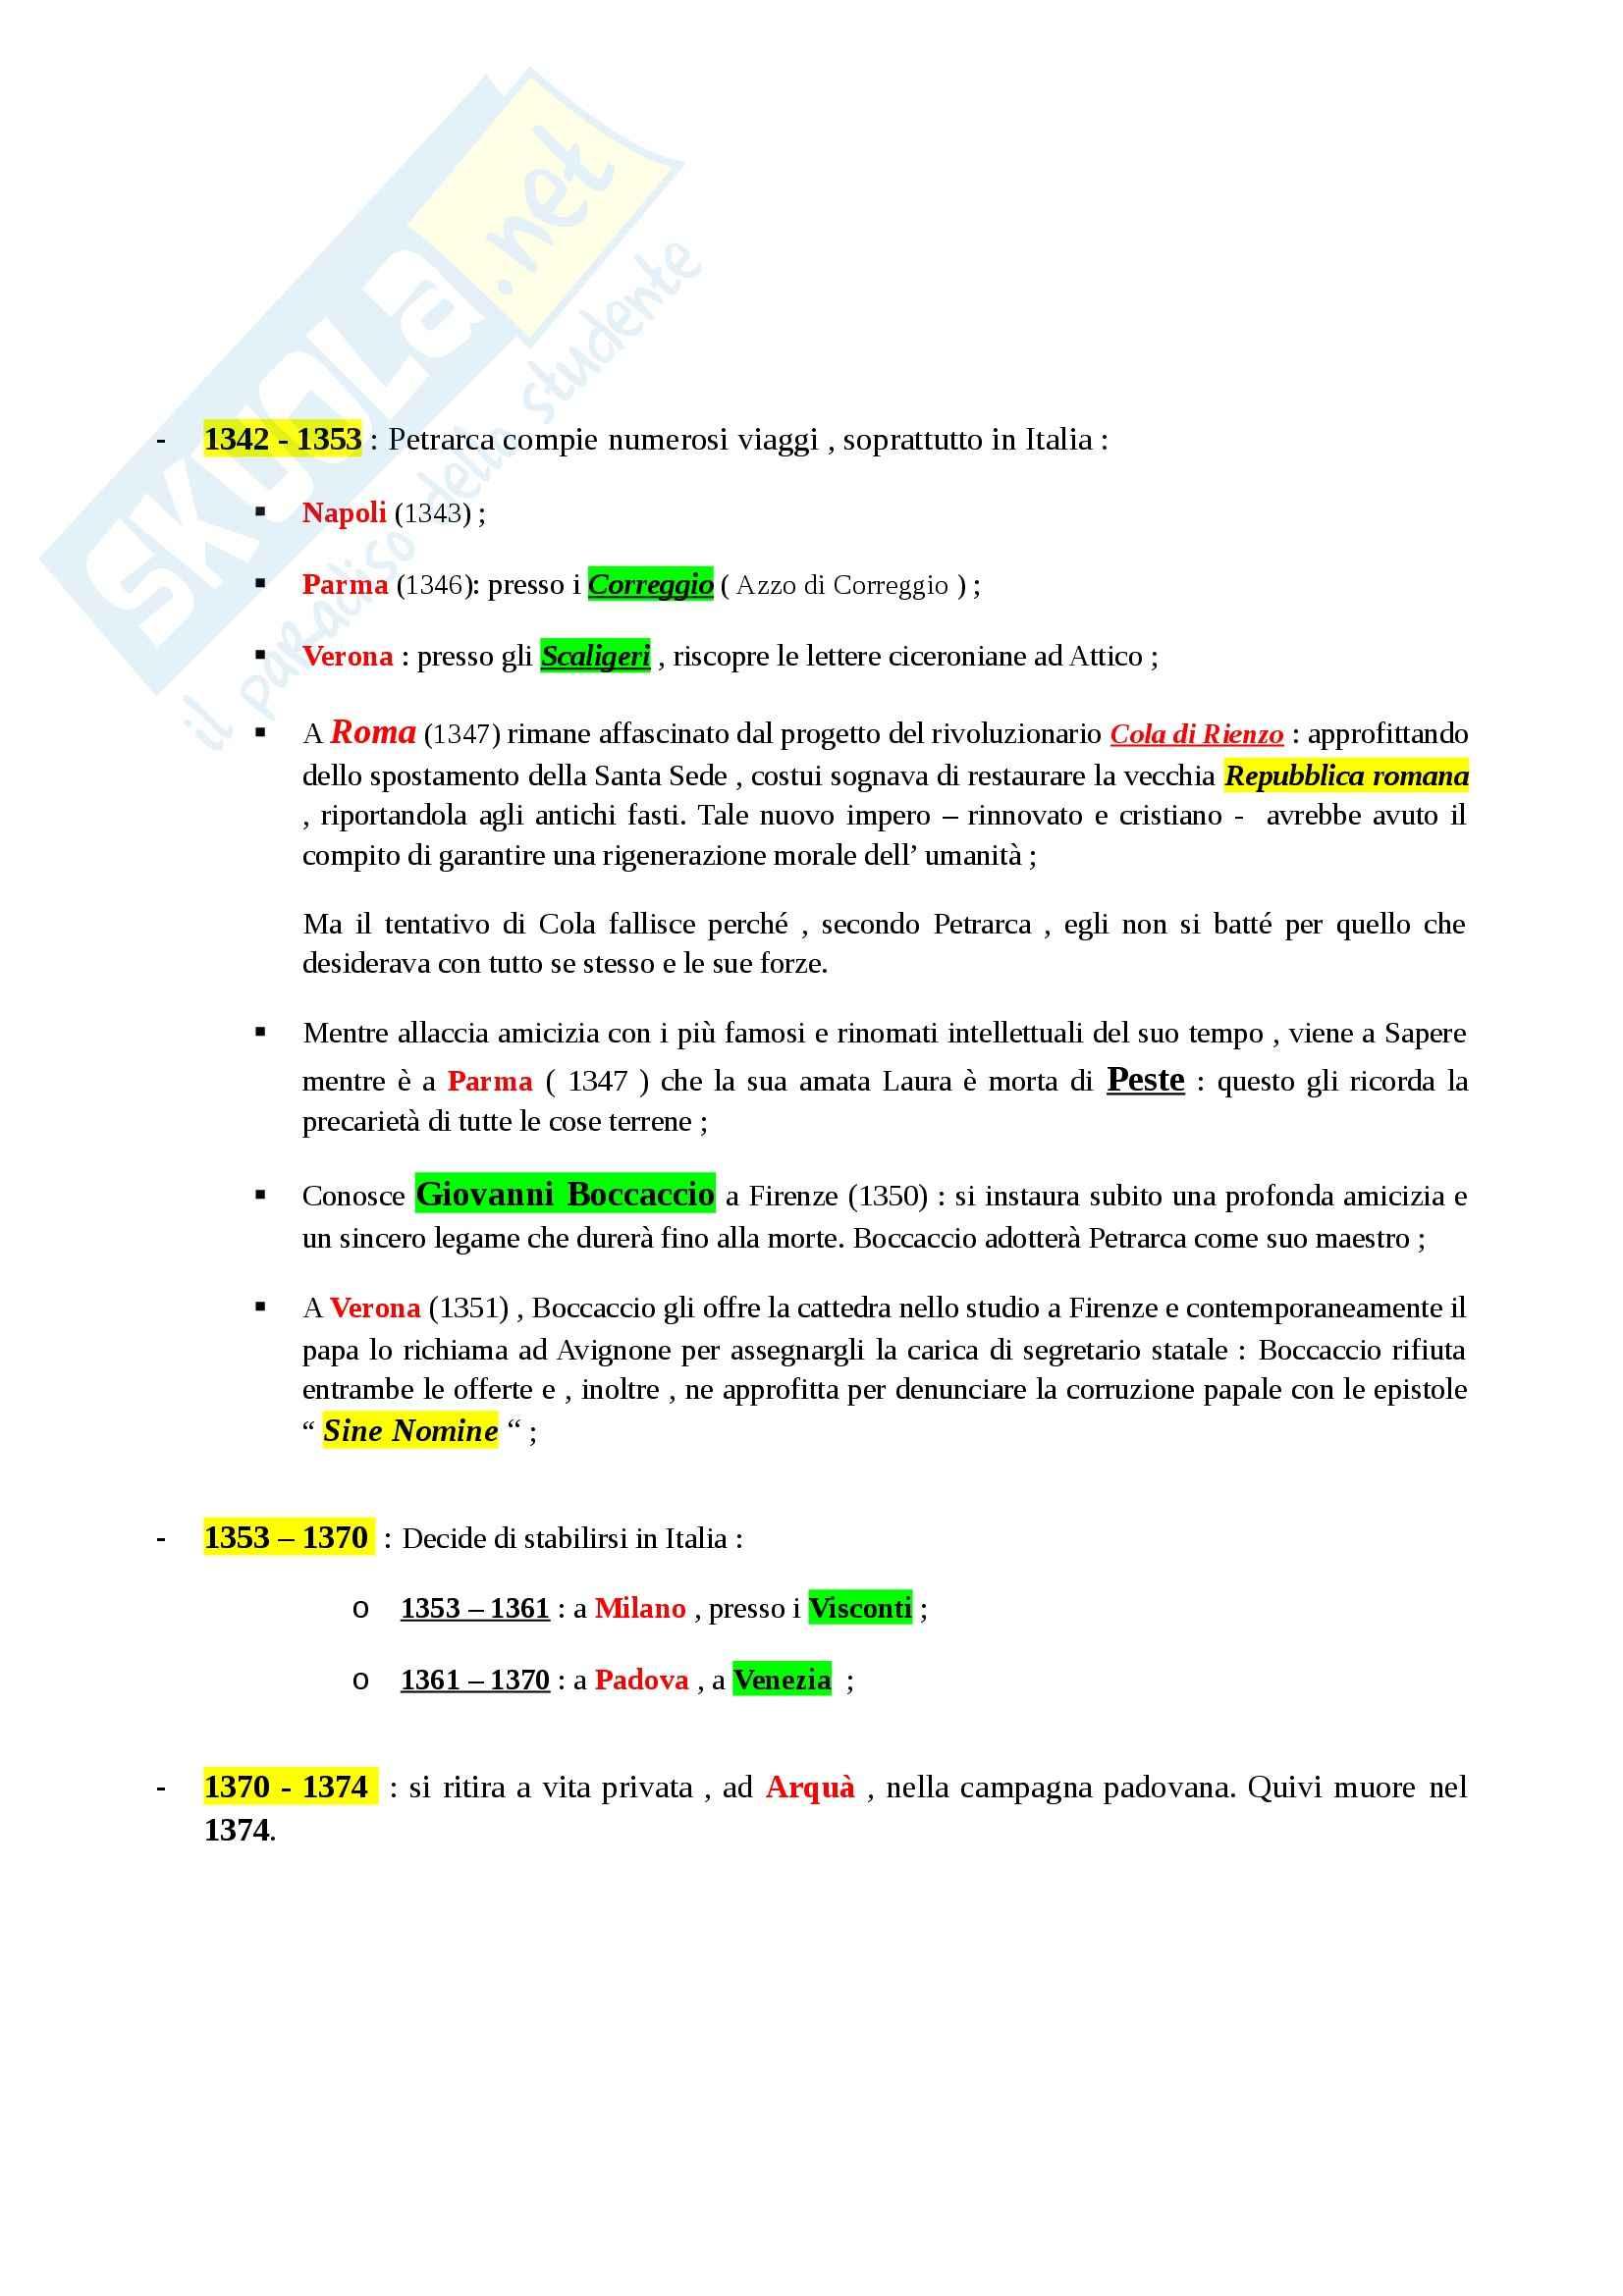 Riassunto esame Letteratura Italiana: La Letteratura Italiana, dalle Origini al Secondo Ottocento, prof. Paolino Pag. 41